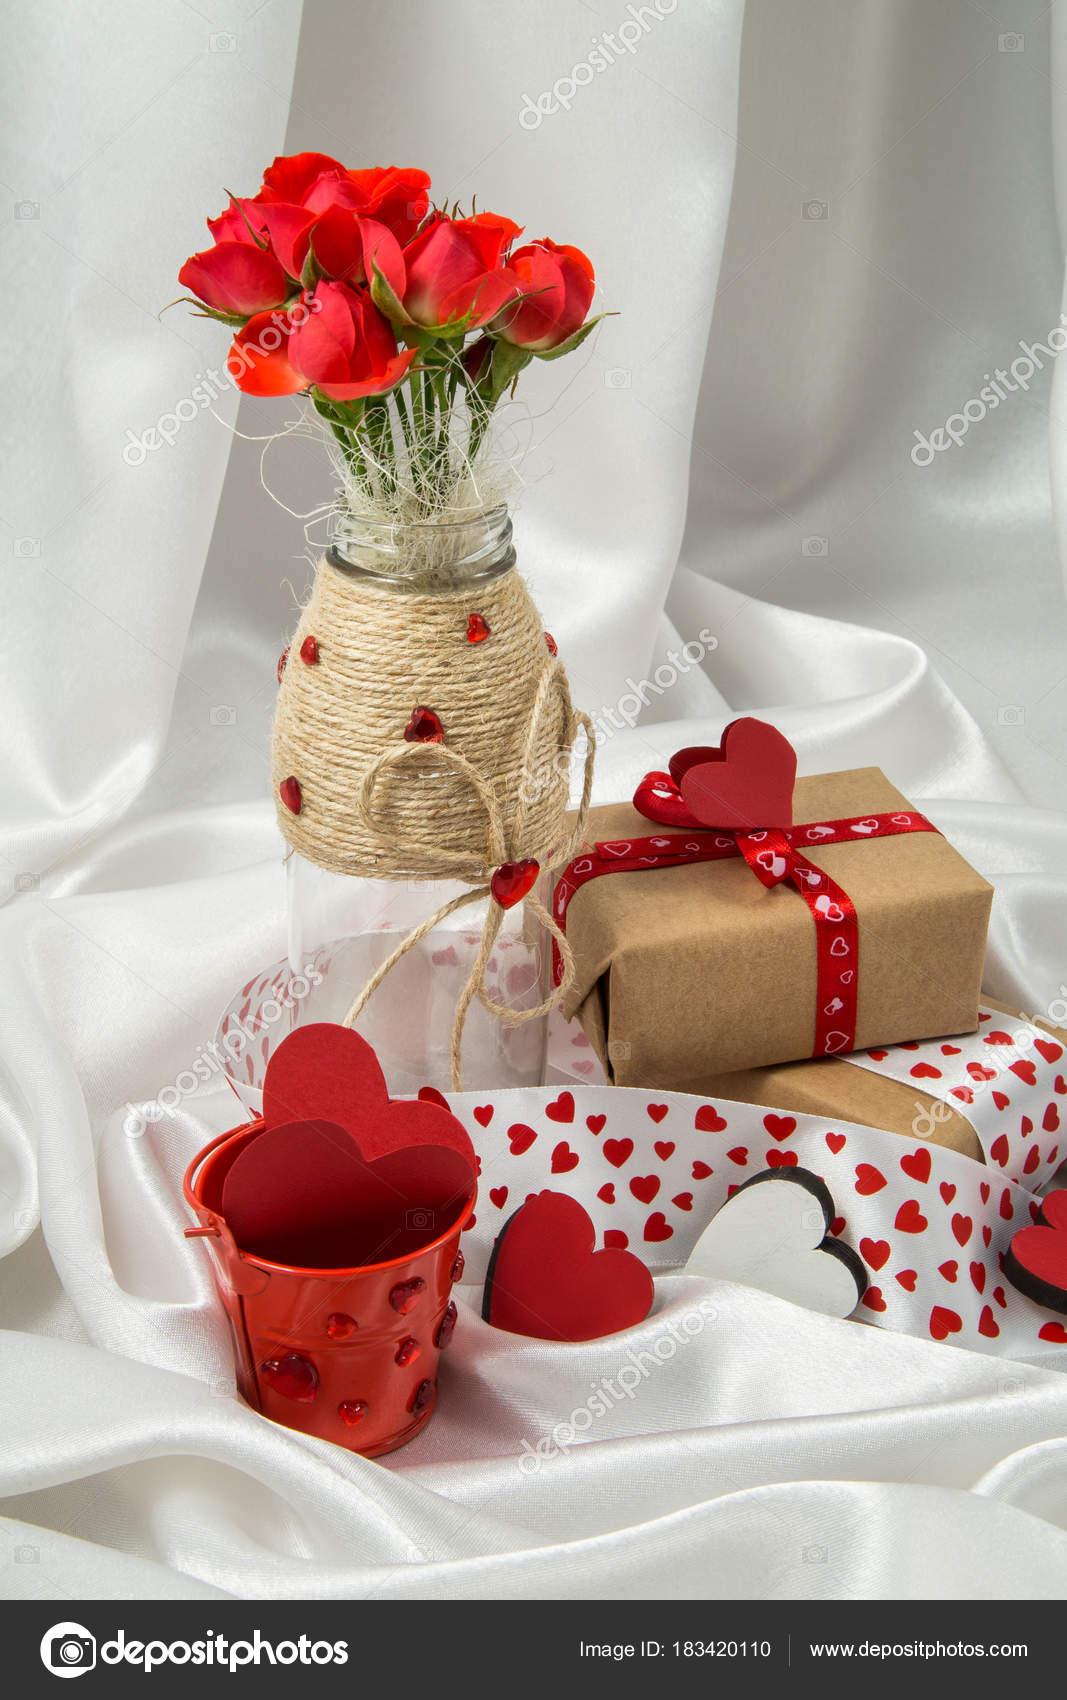 Red White Otkrtyka Hearts Vase Roses Gift Ribbons Valentine Day